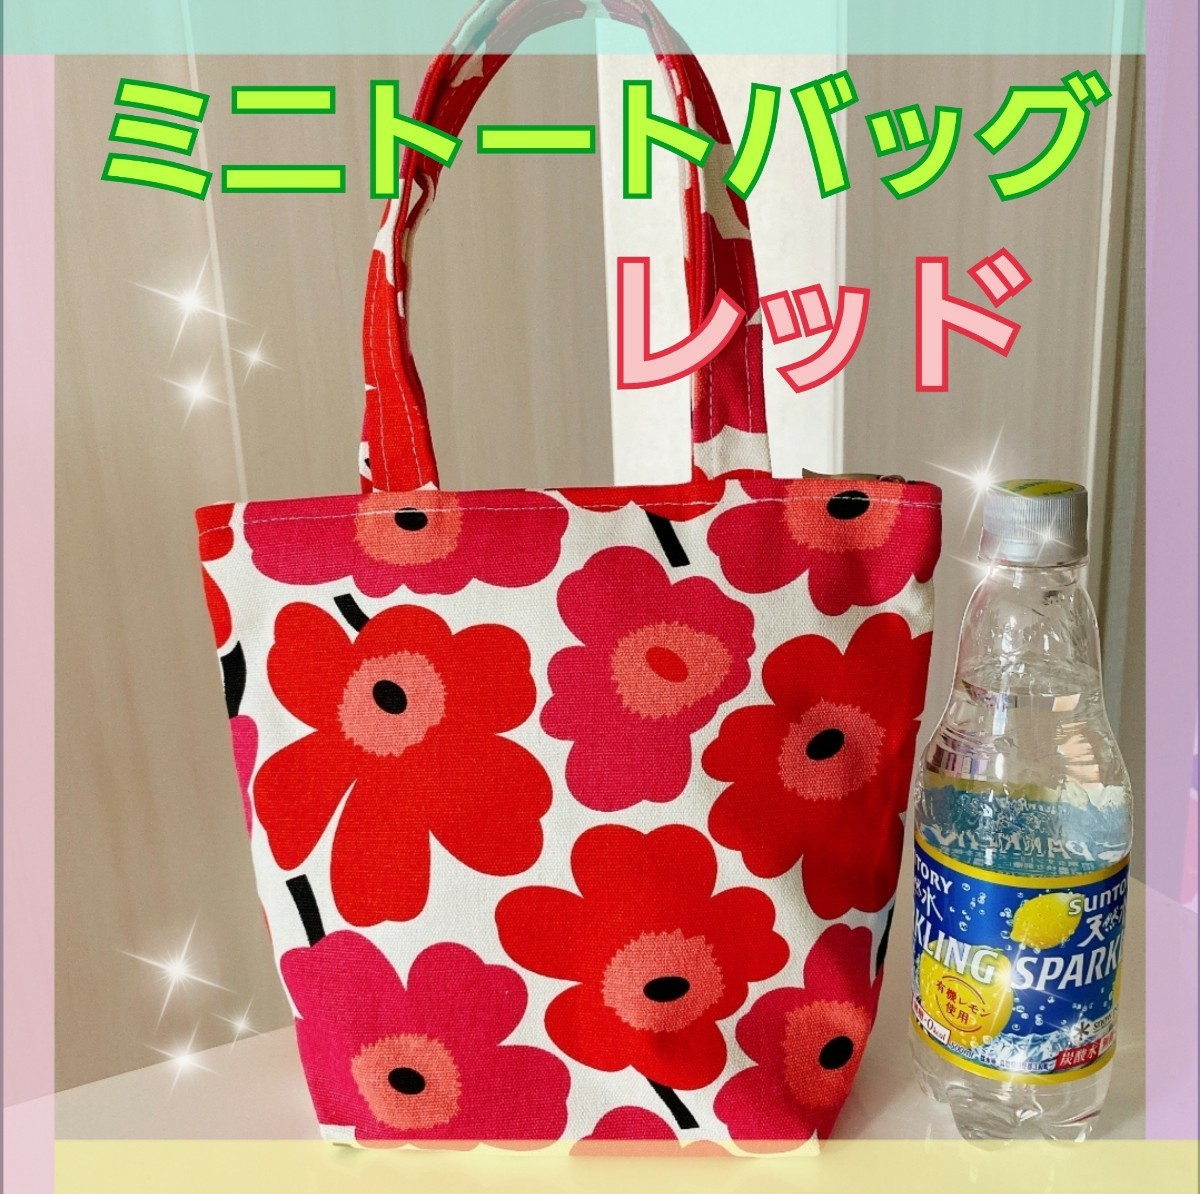 ミニ トートバッグ レッド 赤 花柄 ウニッコ サブバッグ 弁当袋 新品未使用